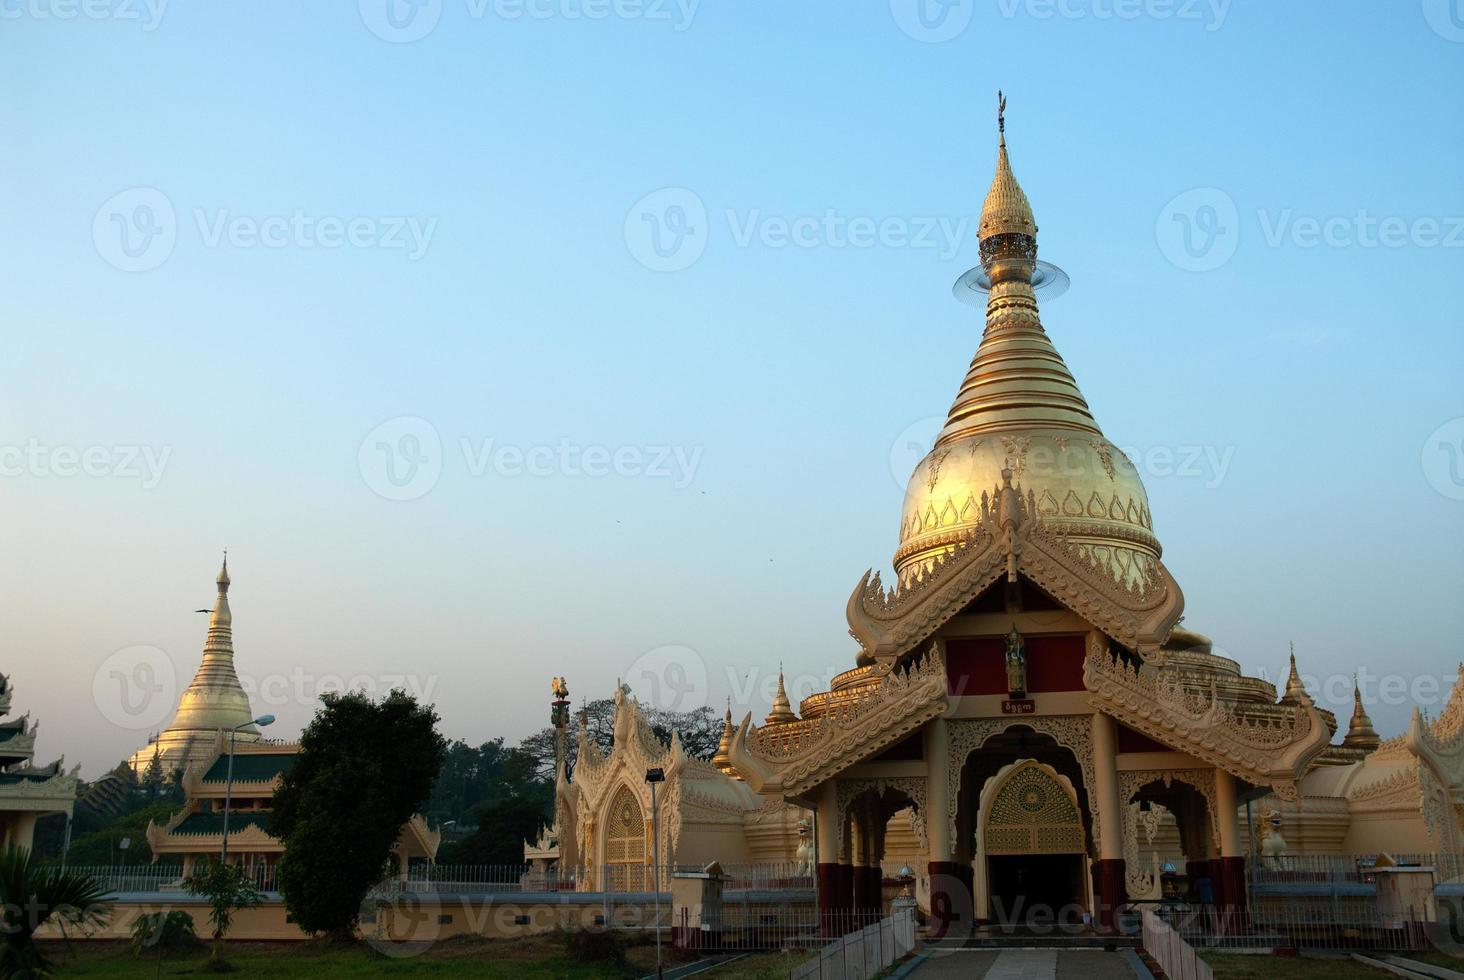 Golden Pagoda in Myanmar temple ,Yangon. photo